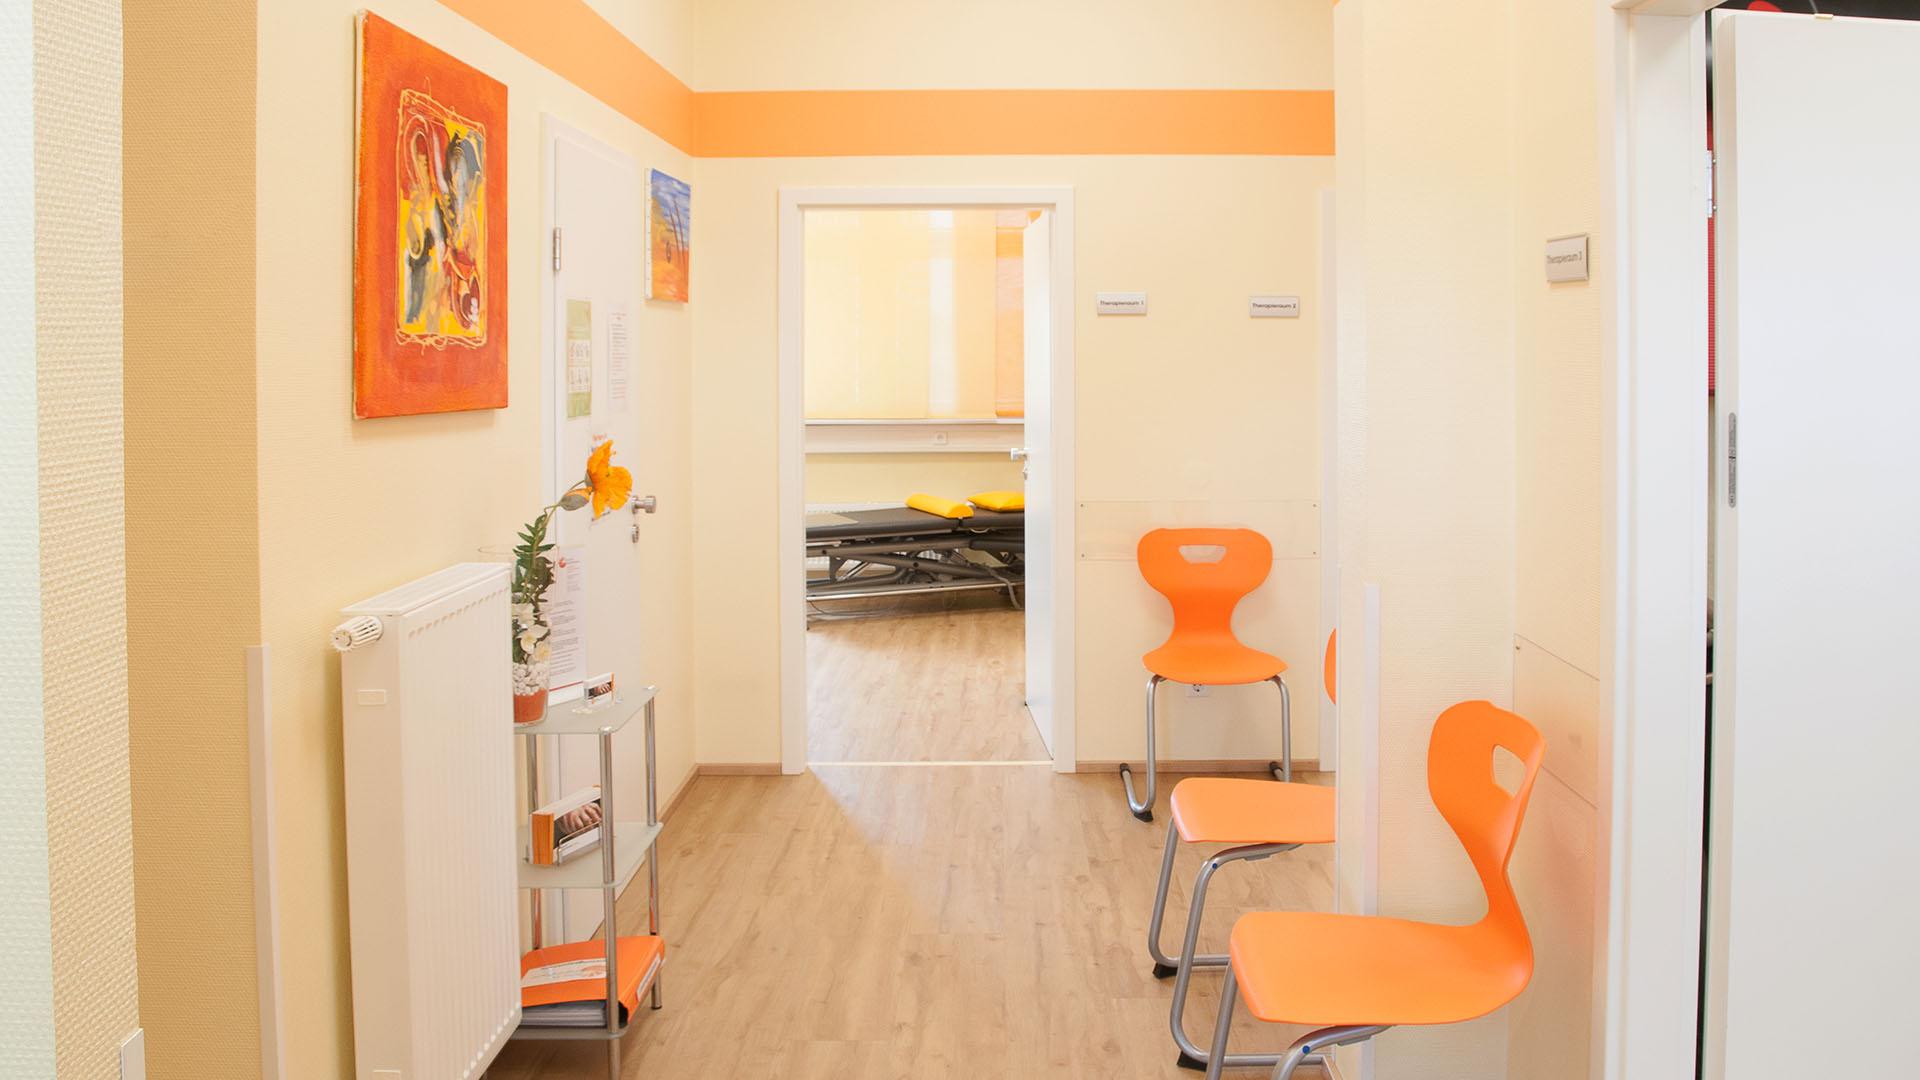 Praxis für Ergotherapie Weber - Eingangsbereich